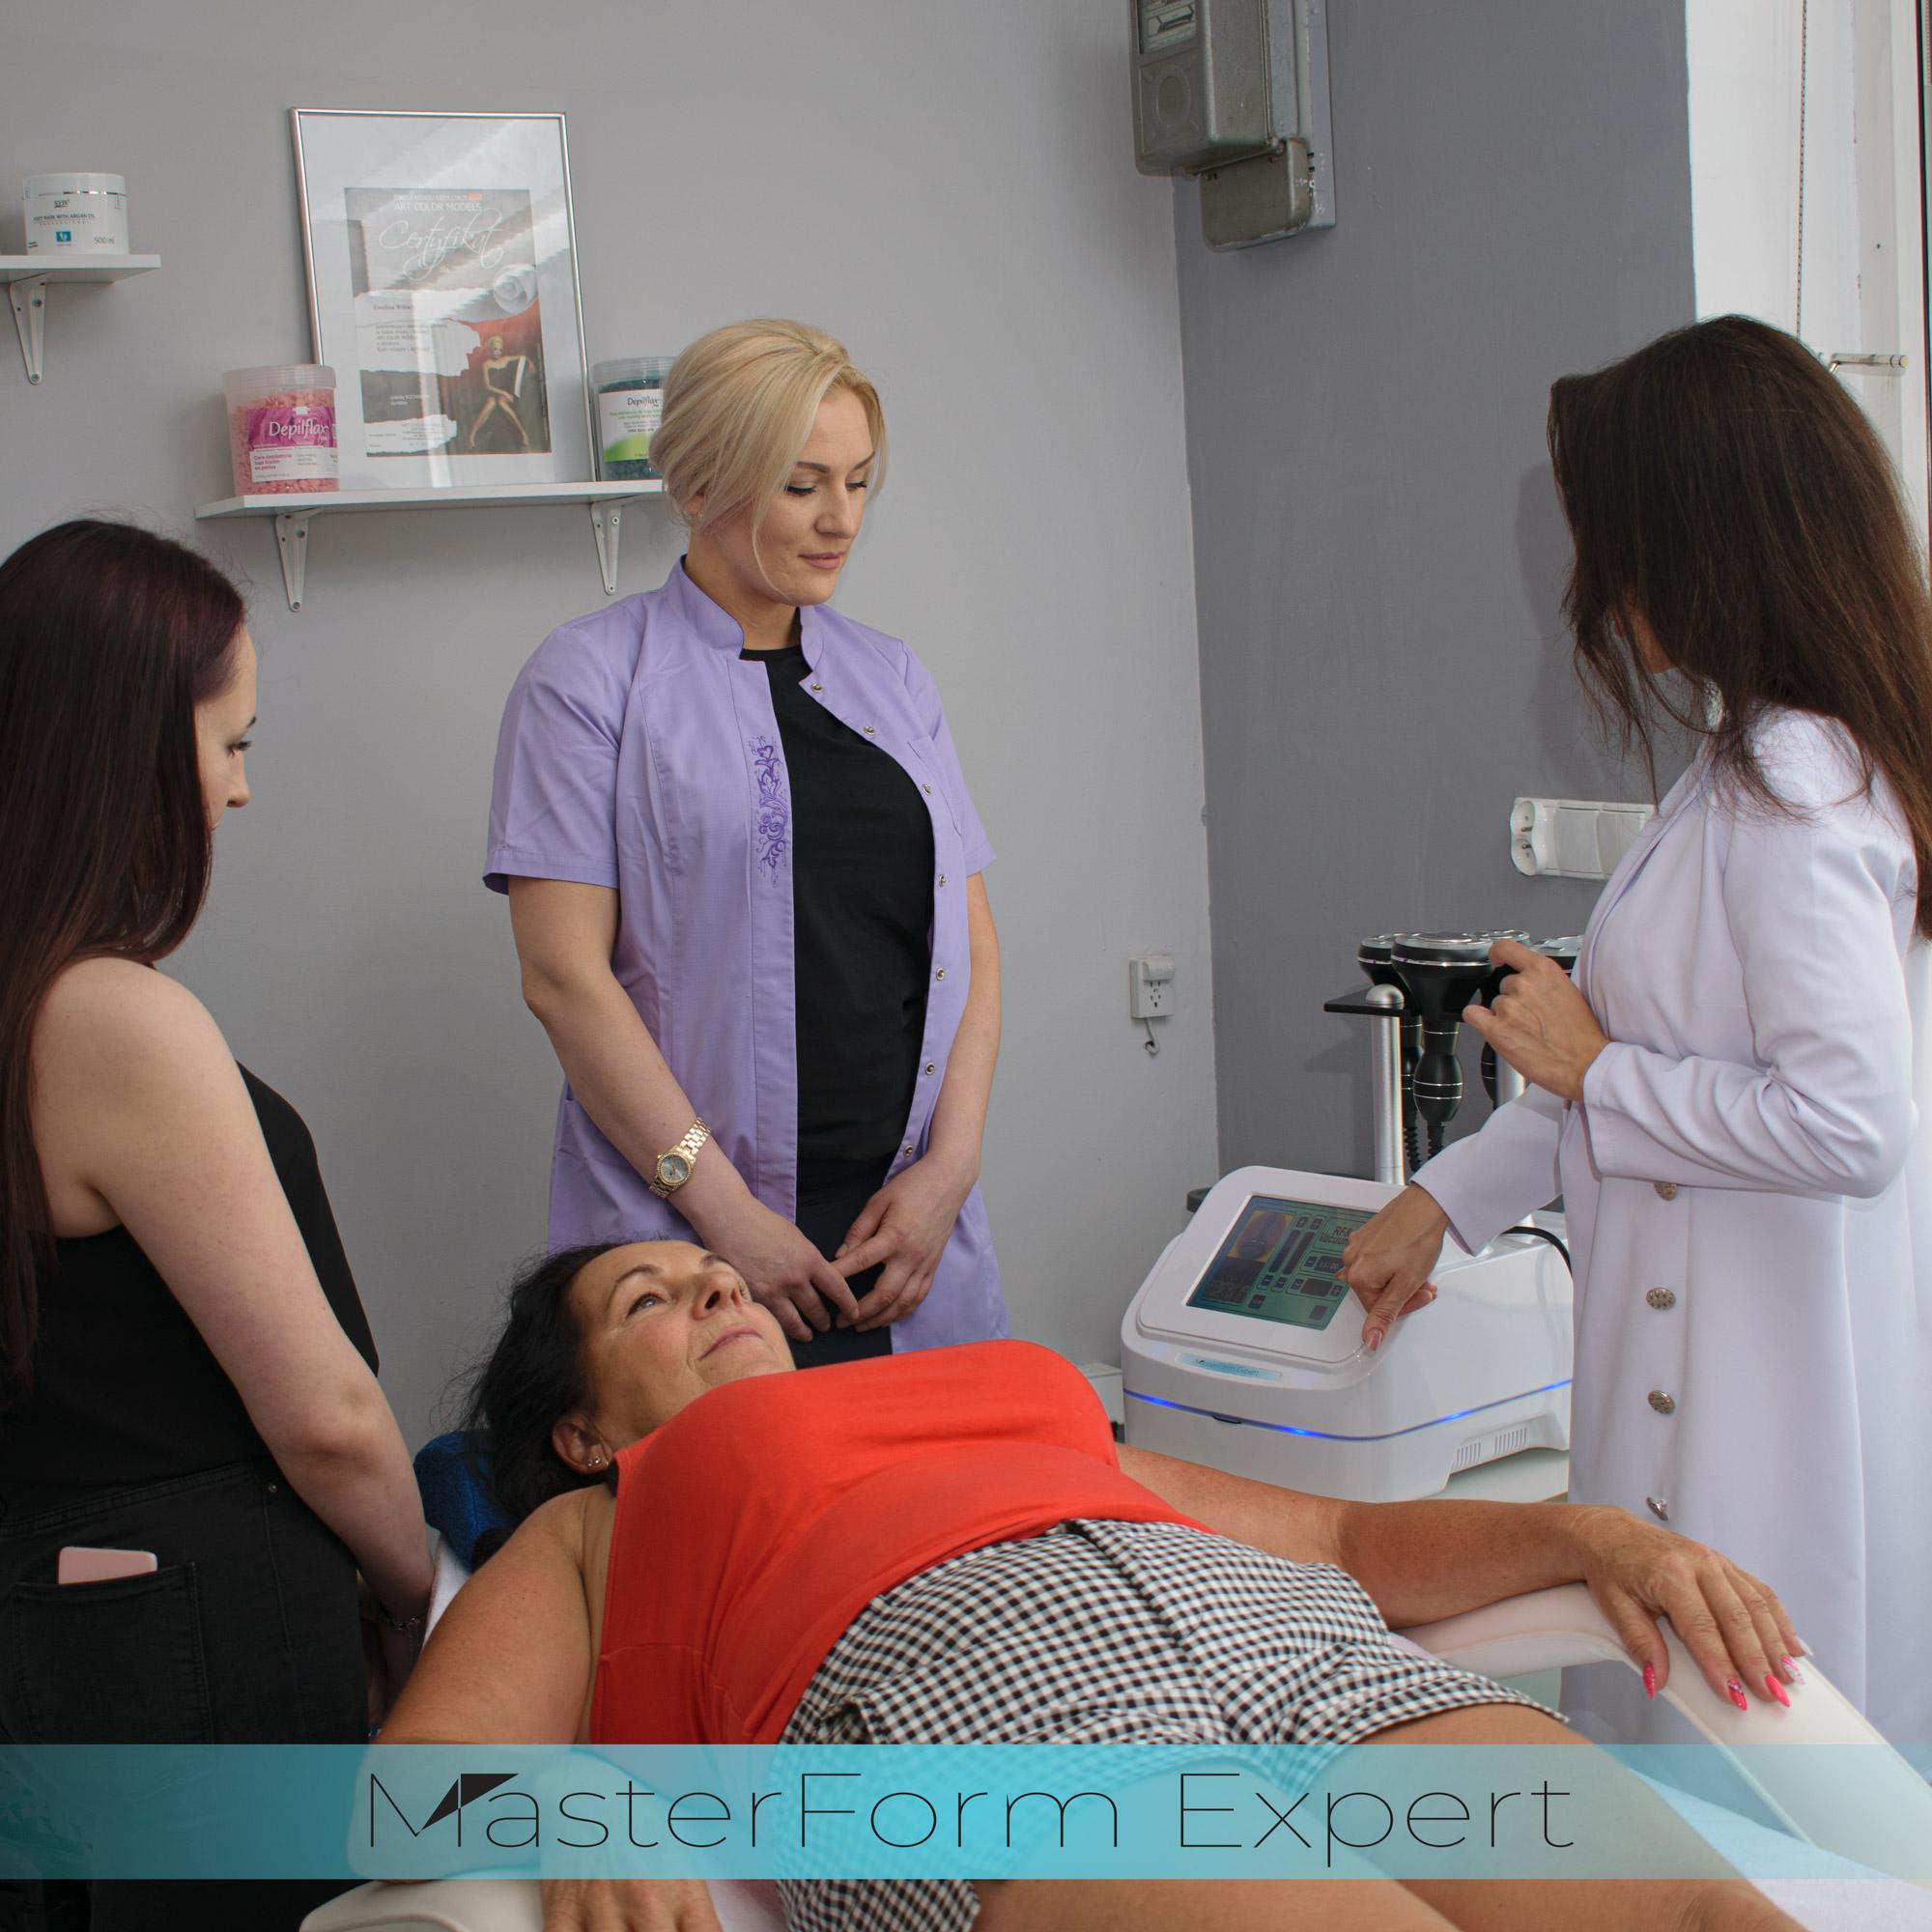 Nasz kosmetolog dokładnie pokazuje w którym miejscu należy kilknąć, by zmienić program zabiegowy